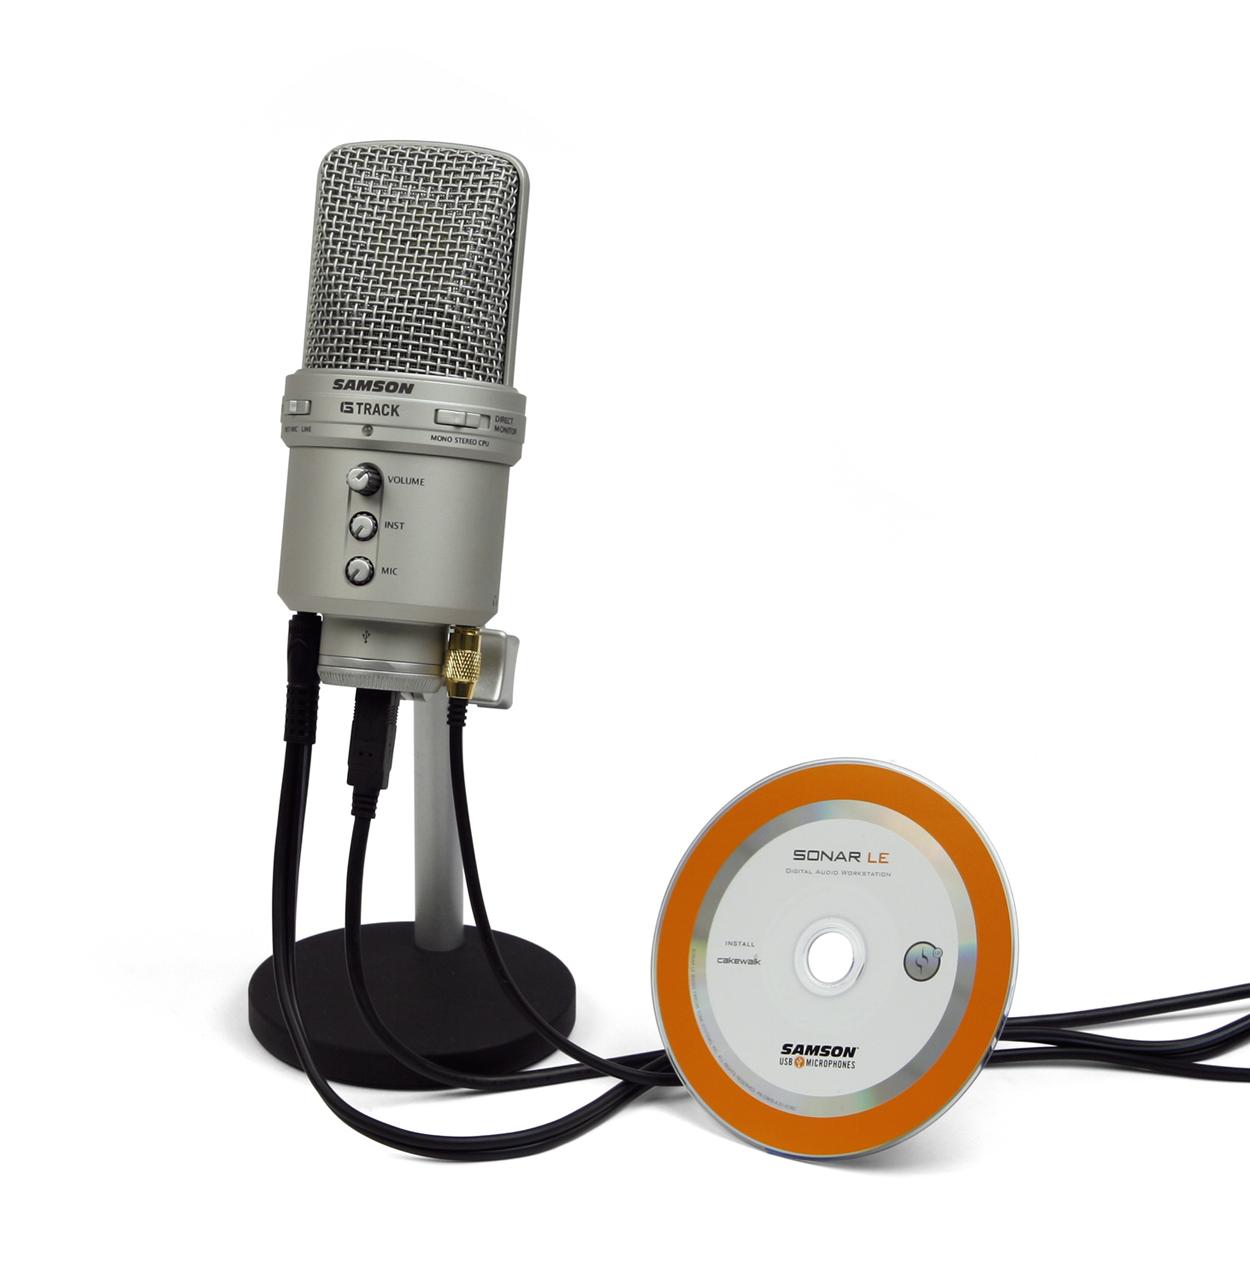 samson g track large diaphragm usb condenser mic new zealand. Black Bedroom Furniture Sets. Home Design Ideas